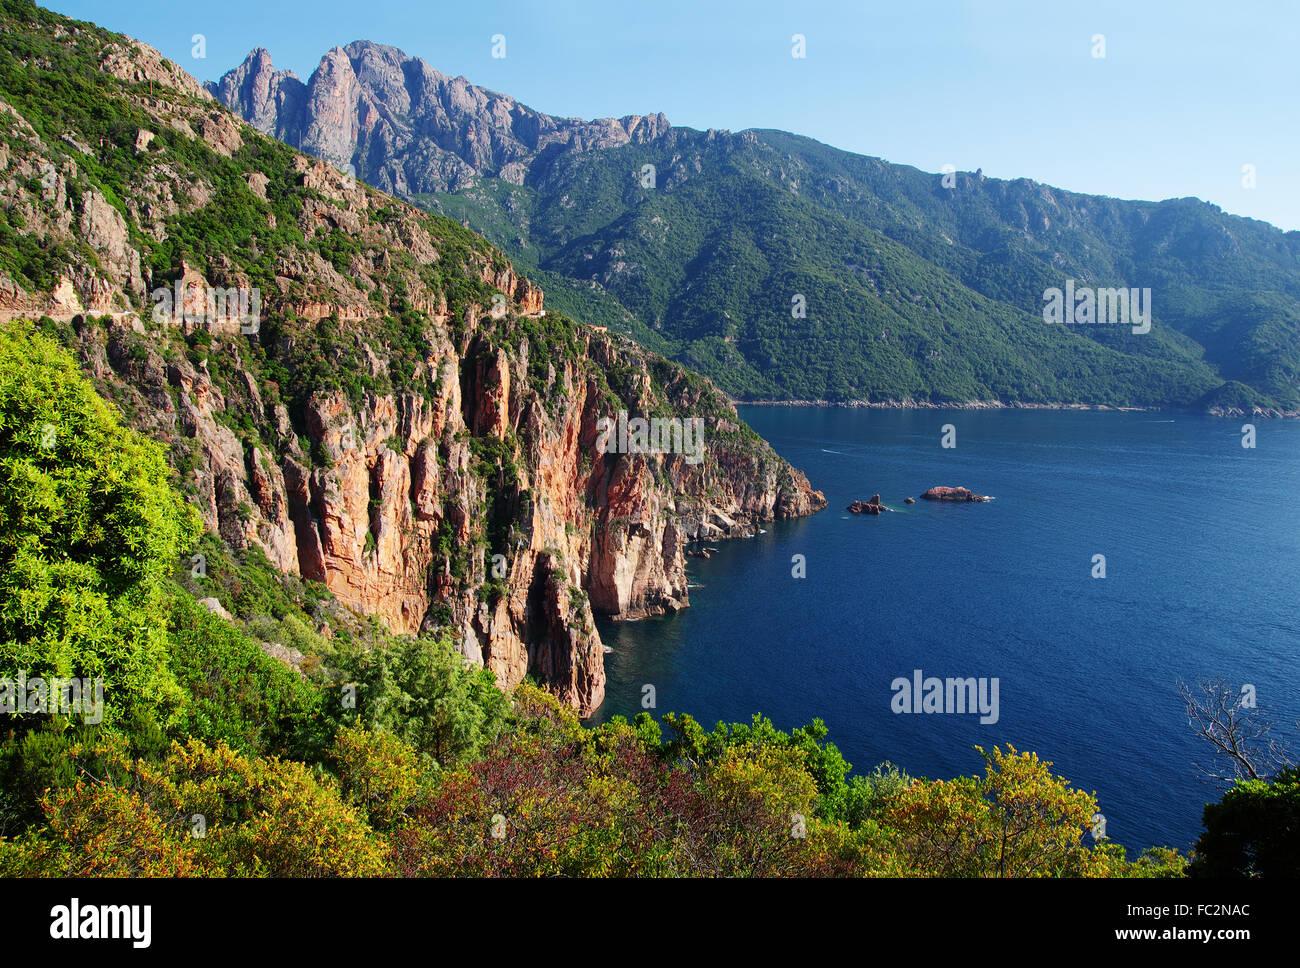 Cliffs in the Gulf of Porto - Corsica - Stock Image